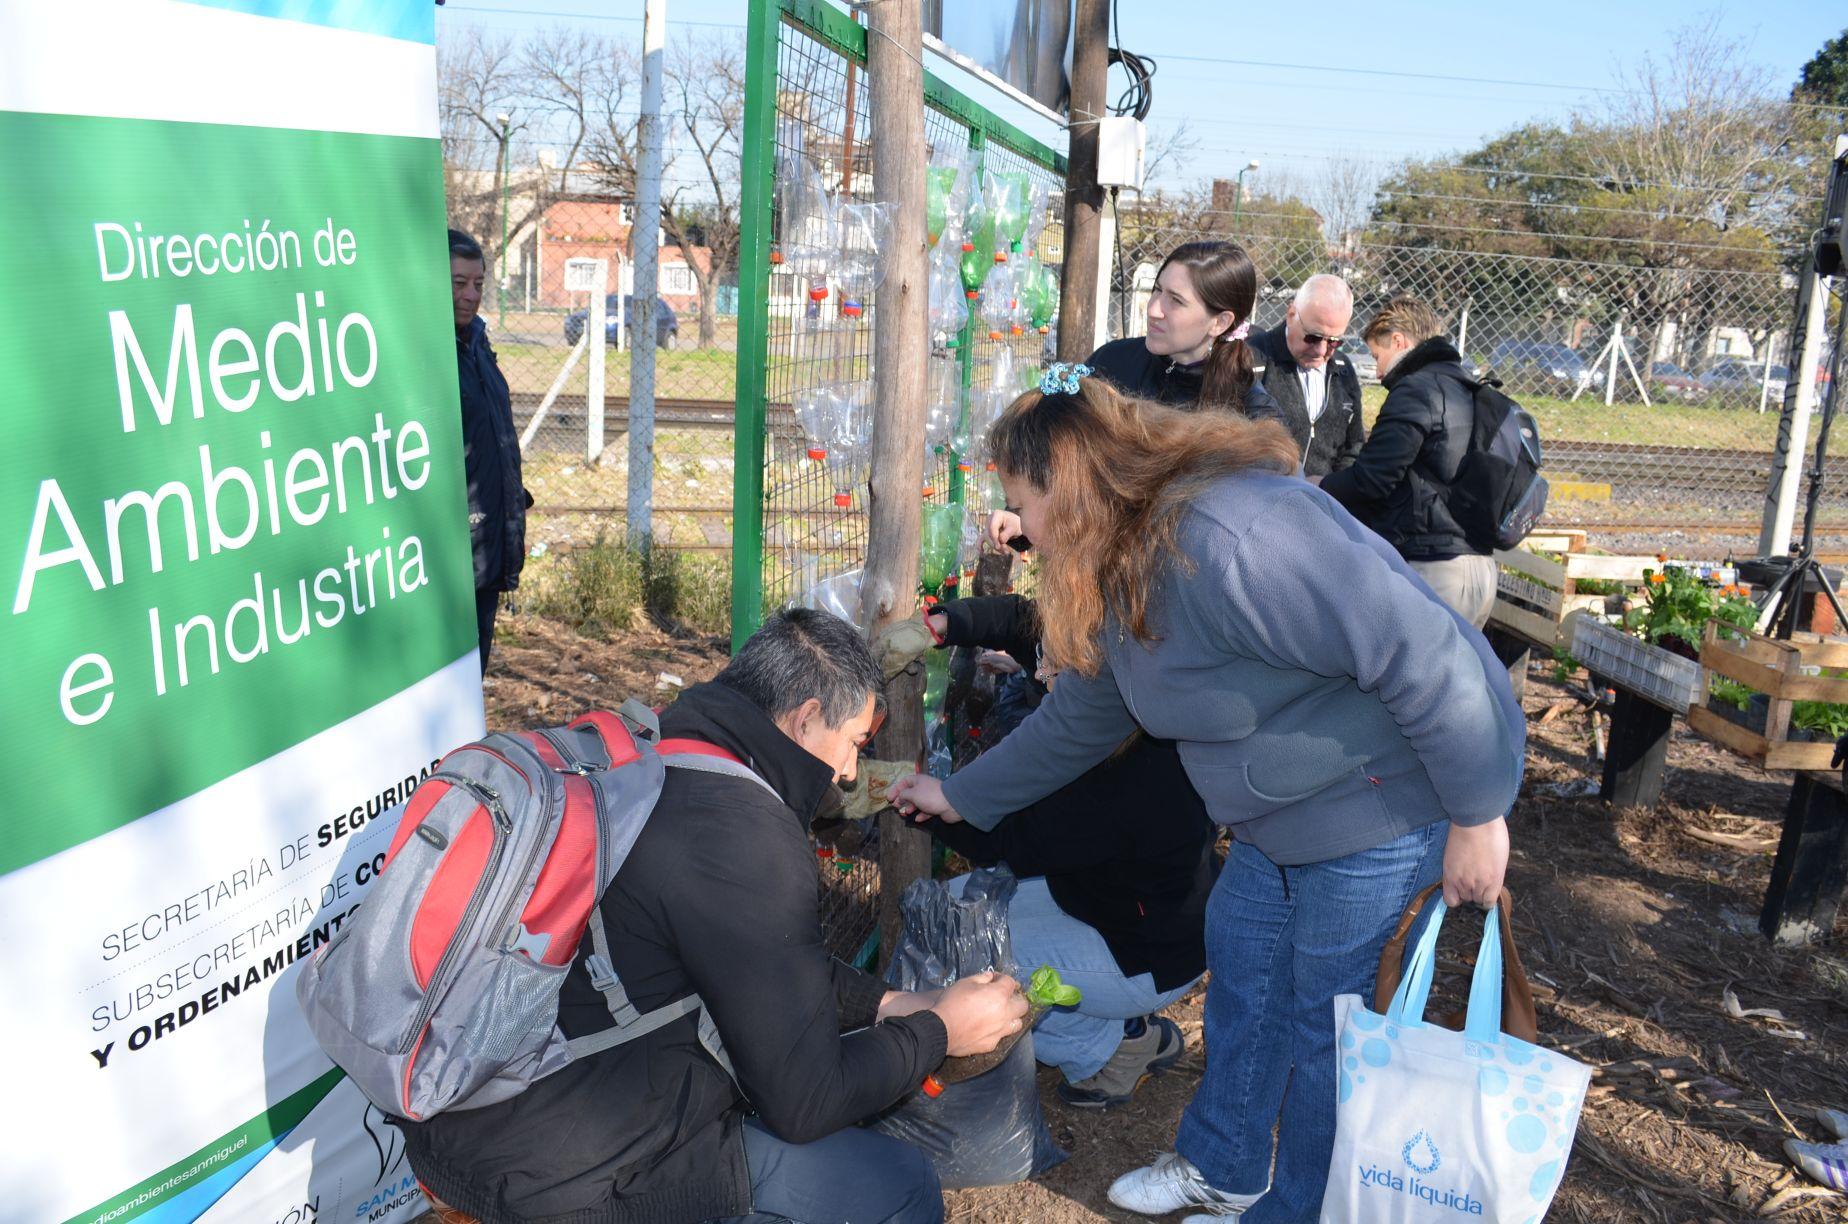 Más de 800 familias de San Miguel han retirado su kit de semillas e iniciado la autoproducción de alimentos orgánicos en forma agroecológica